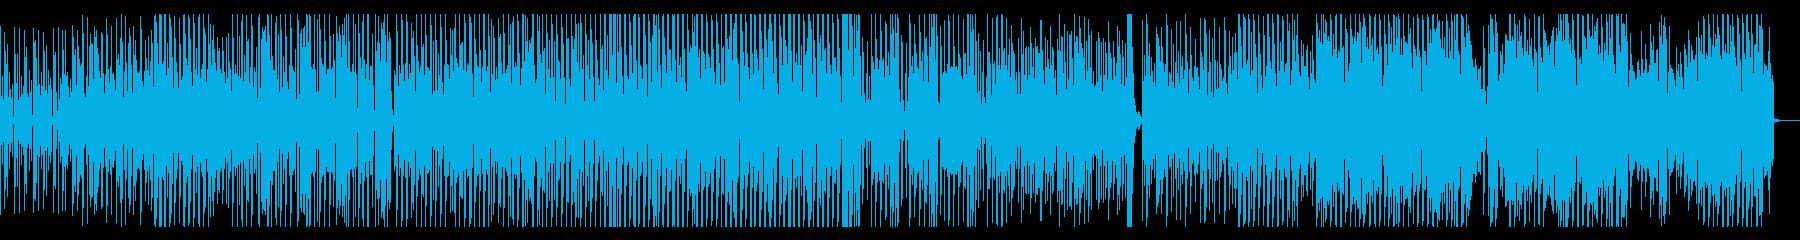 ギター ファンキー テクノ EDMの再生済みの波形